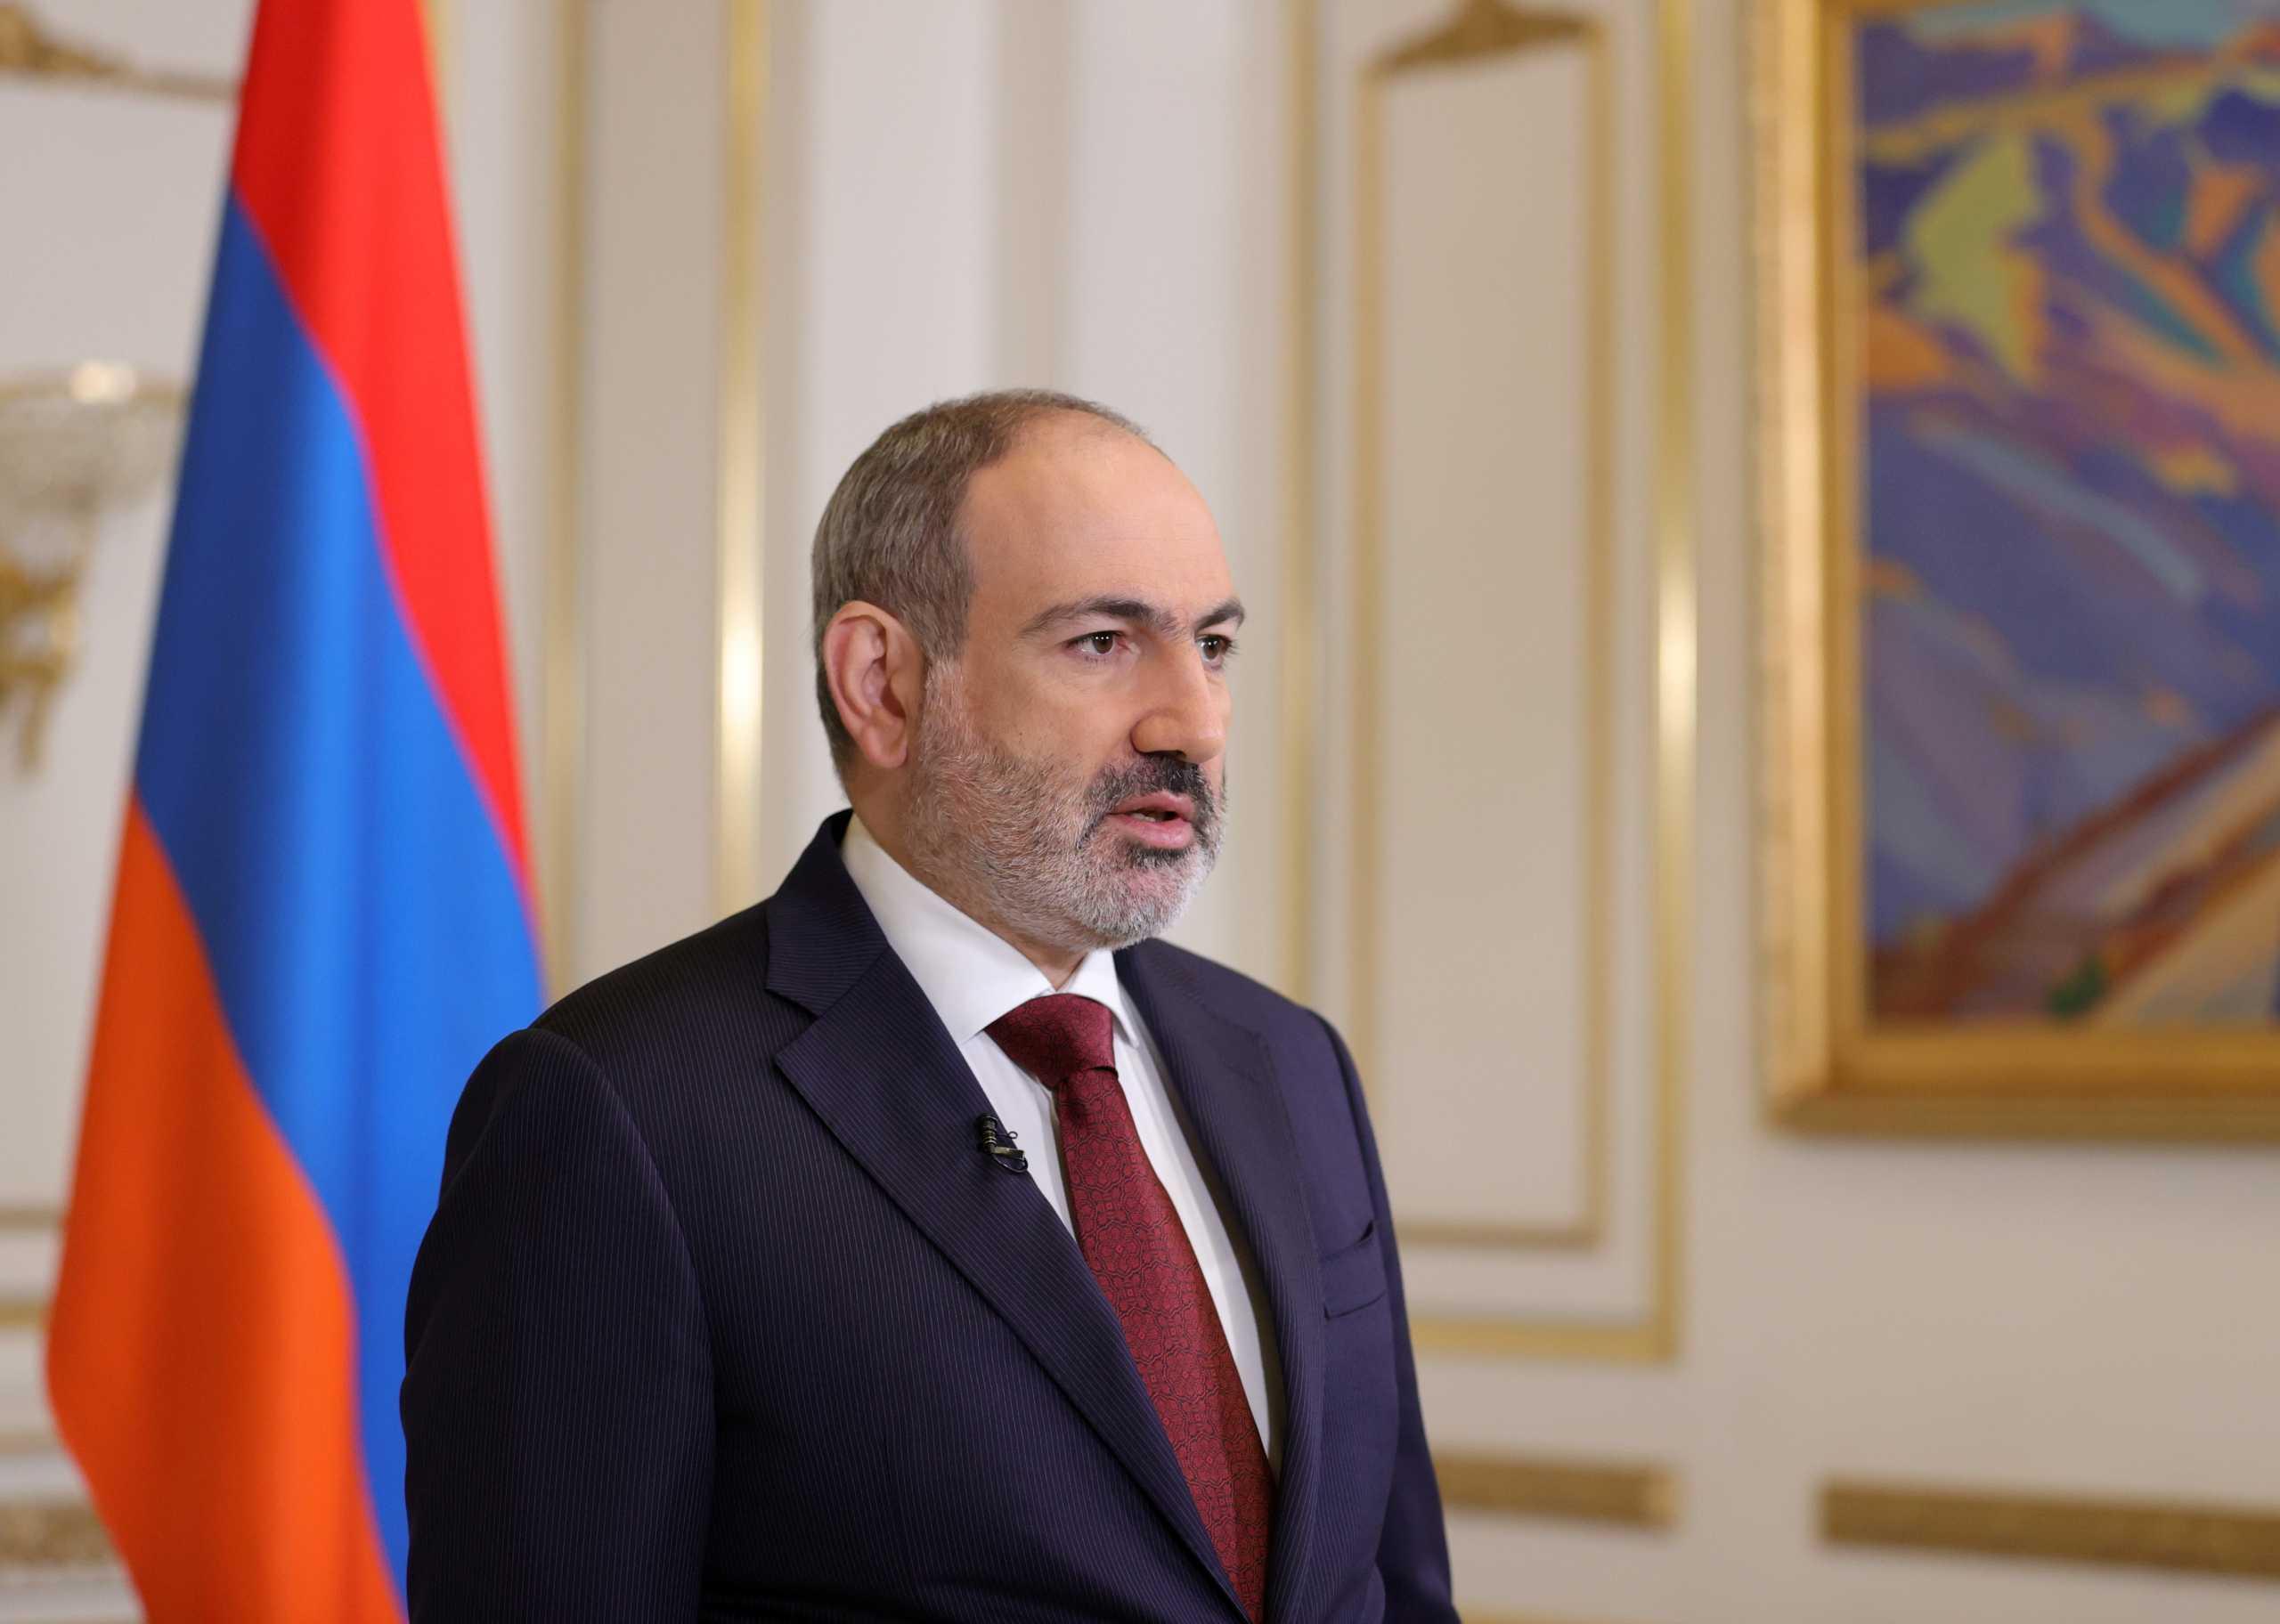 Γενοκτονία Αρμενίων: Παραιτήθηκε ο πρωθυπουργός της χώρας μία ημέρα μετά την ανακοίνωση Μπάιντεν